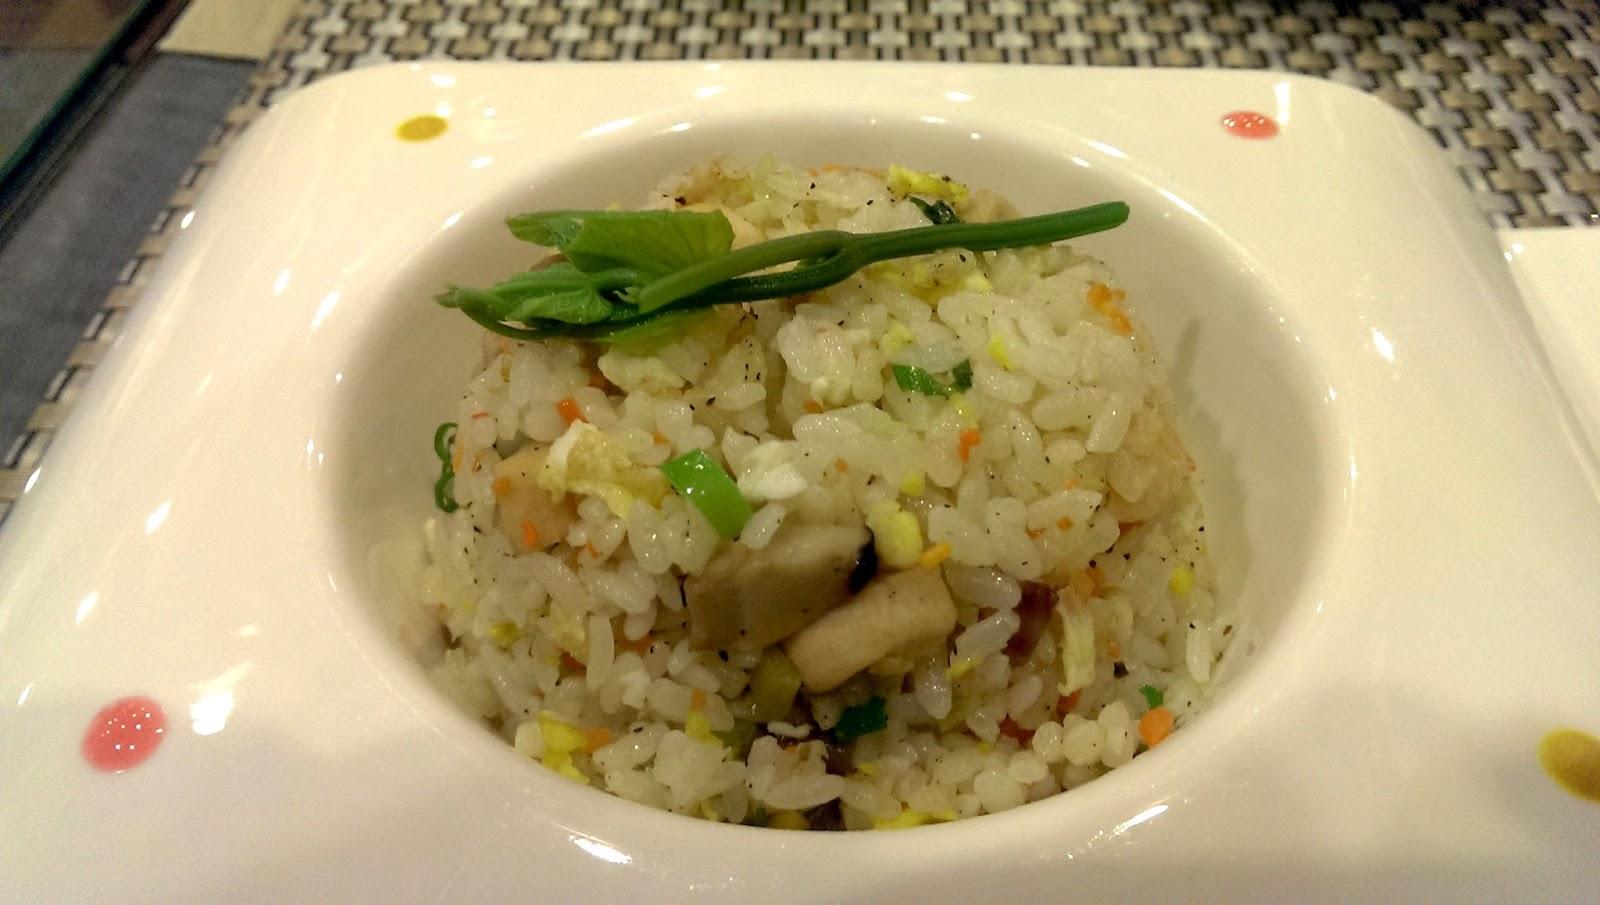 2015 07 13%2B20.35.06 - [食記] 二階堂懷石料理 - 令人不知所措的老日式料理